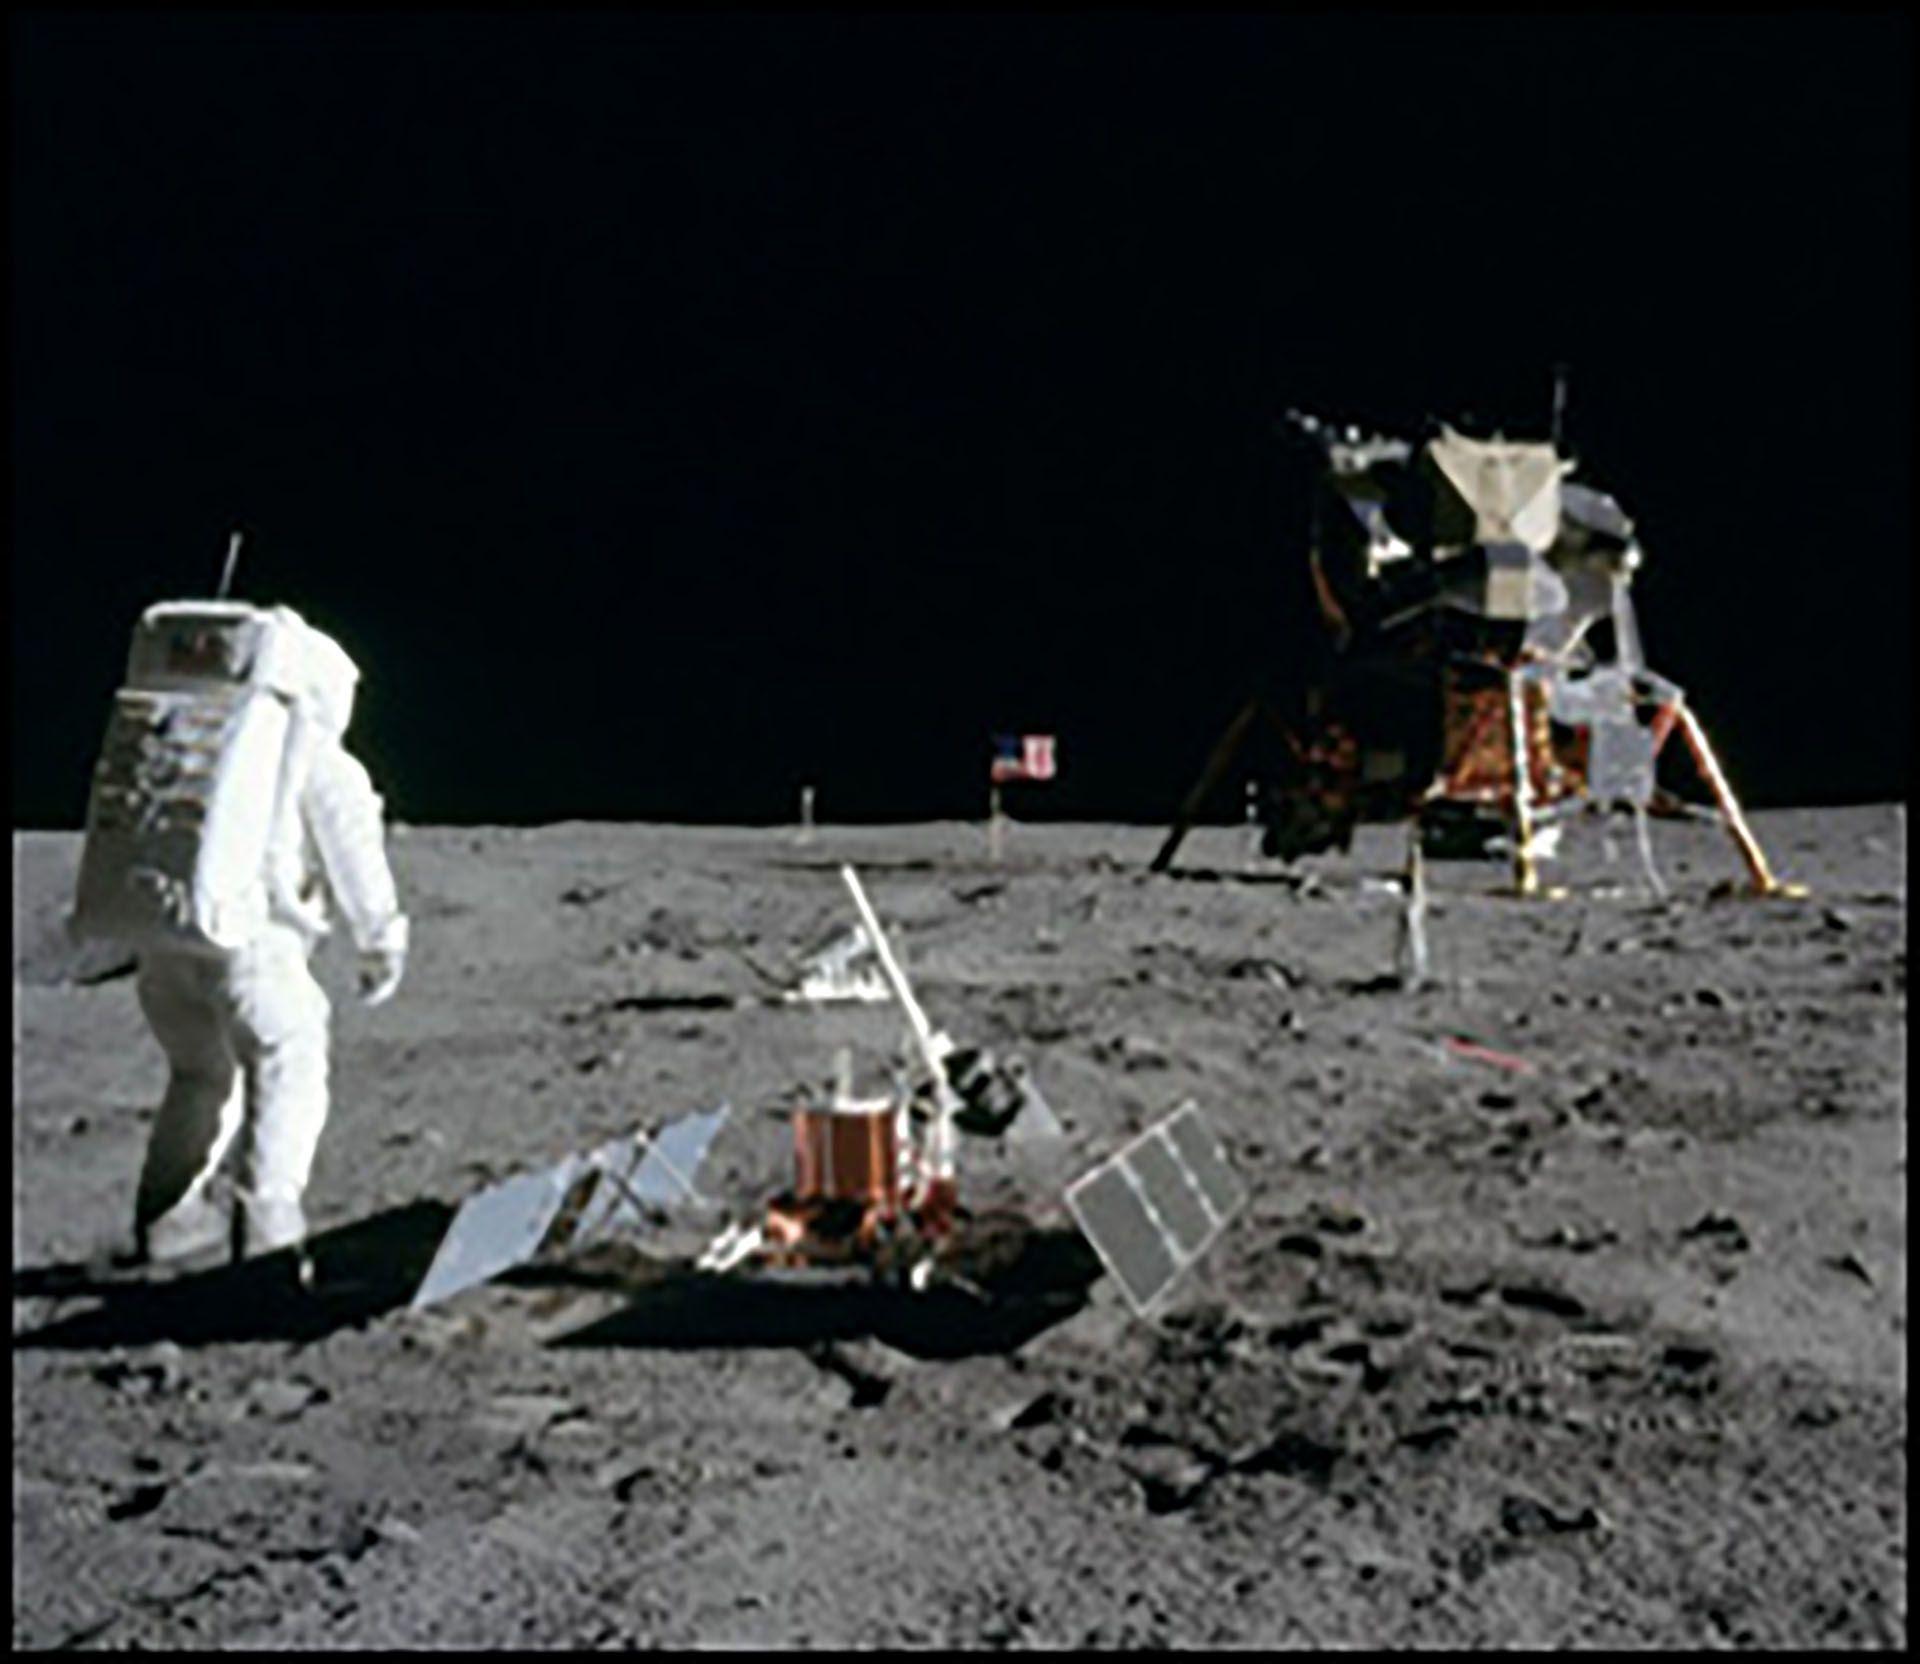 """Según la web de Lunar Embassy, """"el sitio del aterrizaje del Apolo 11, así como el cráter en la Luna en el que aparentemente se ha encontrado agua, pero aún no se ha confirmado"""" no están a la venta"""